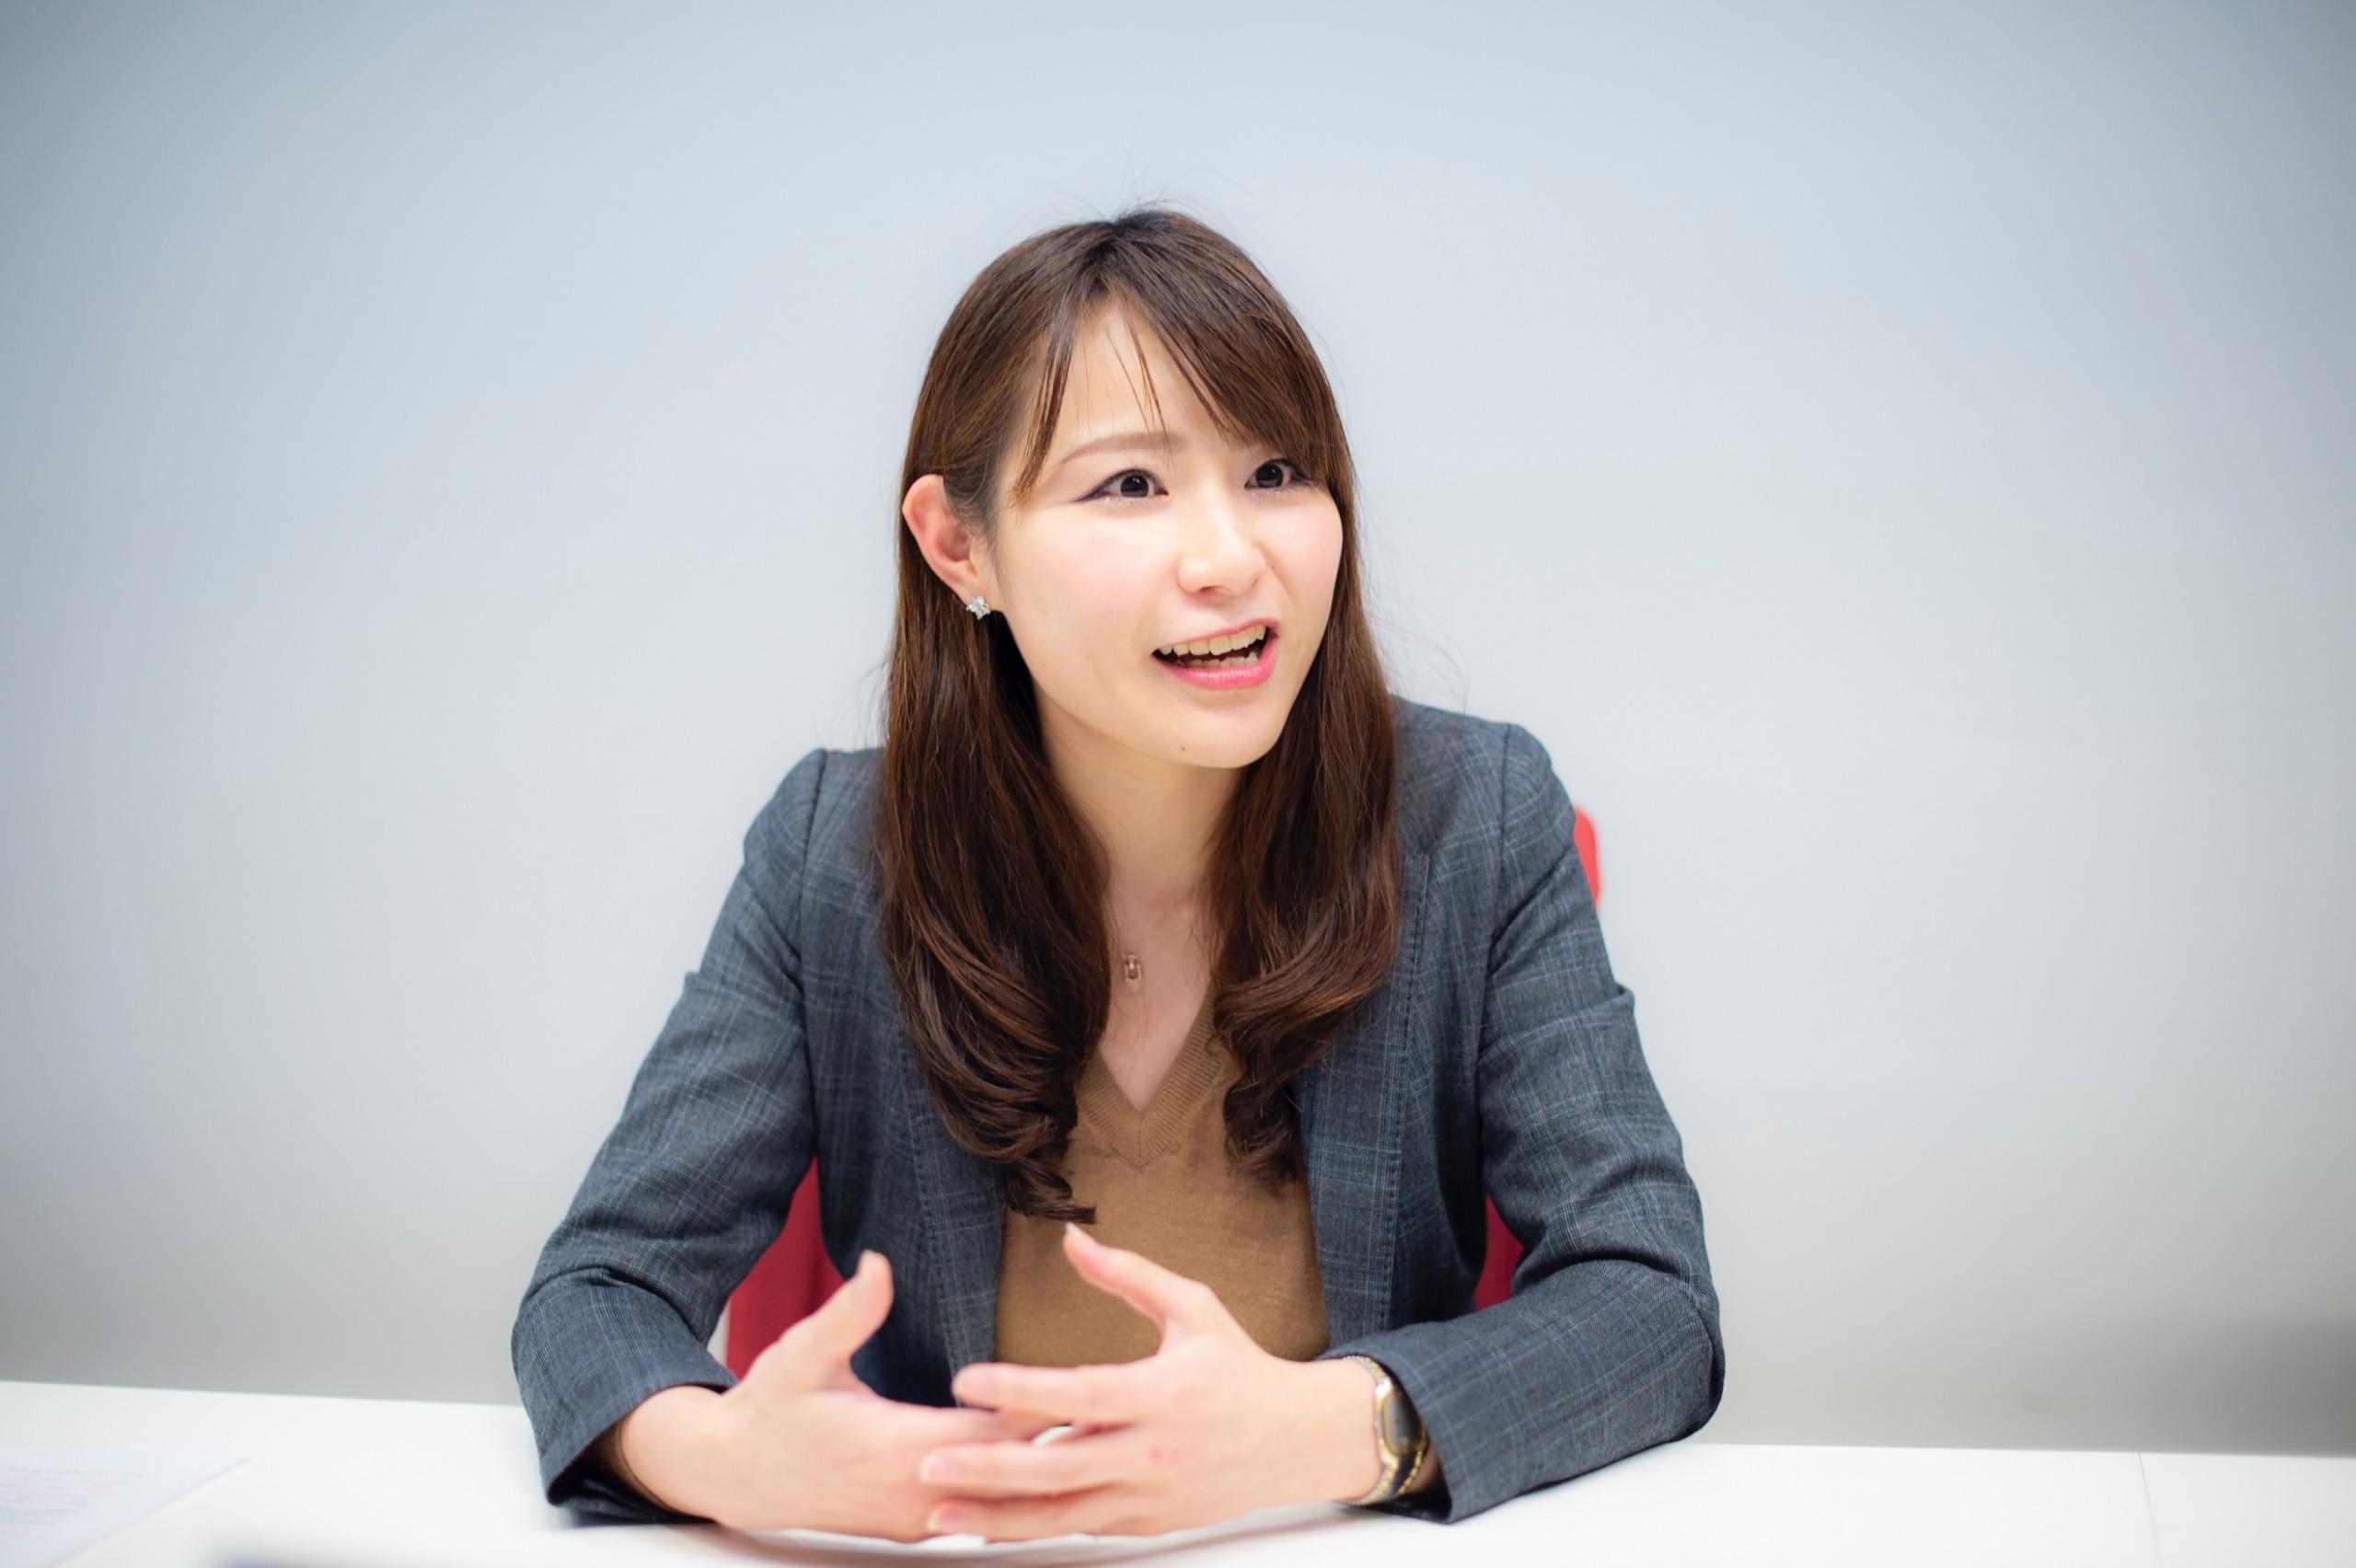 株式会社クラブネッツ_並木 円香 氏